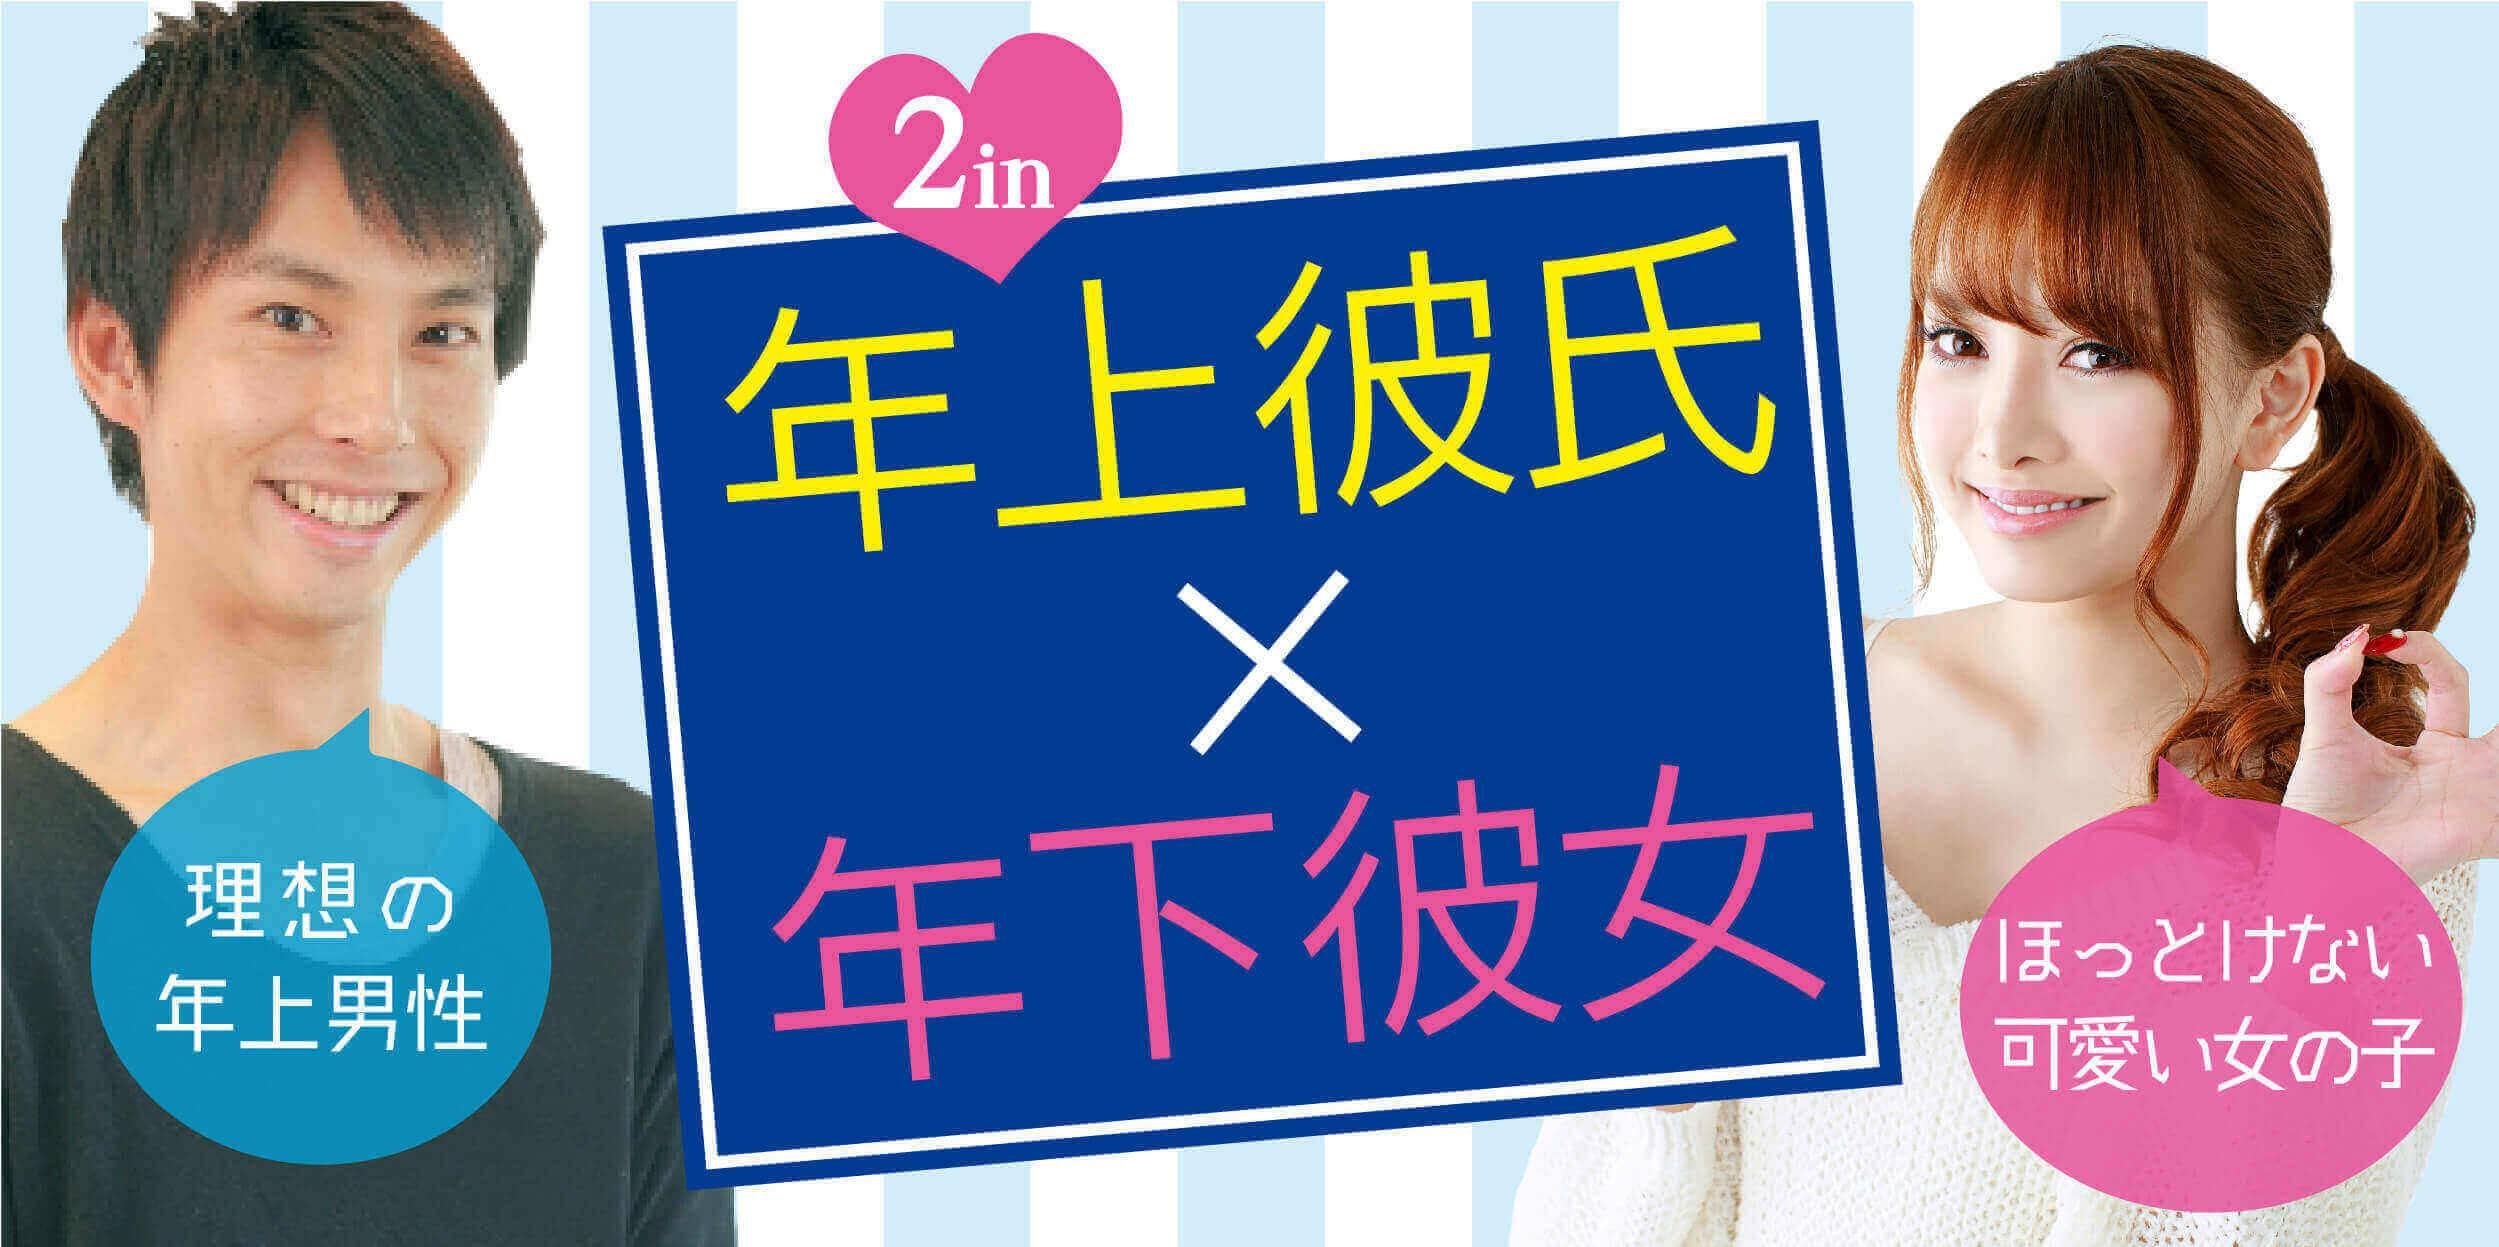 【新潟のプチ街コン】合同会社ツイン主催 2017年11月25日